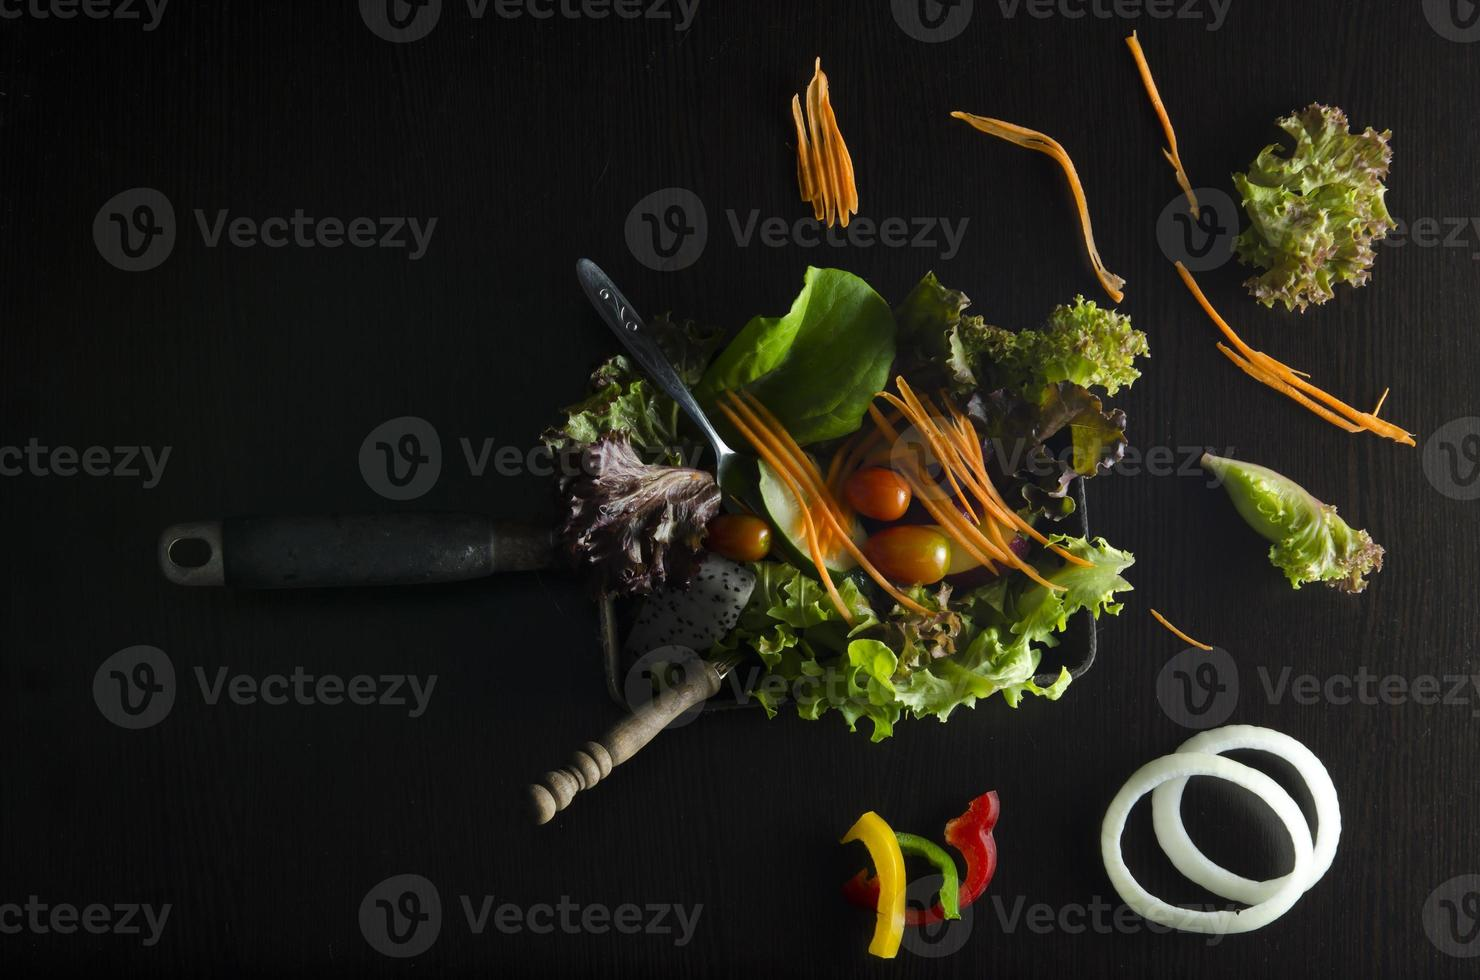 förberedelse av grönsaksallad på svart bakgrund foto